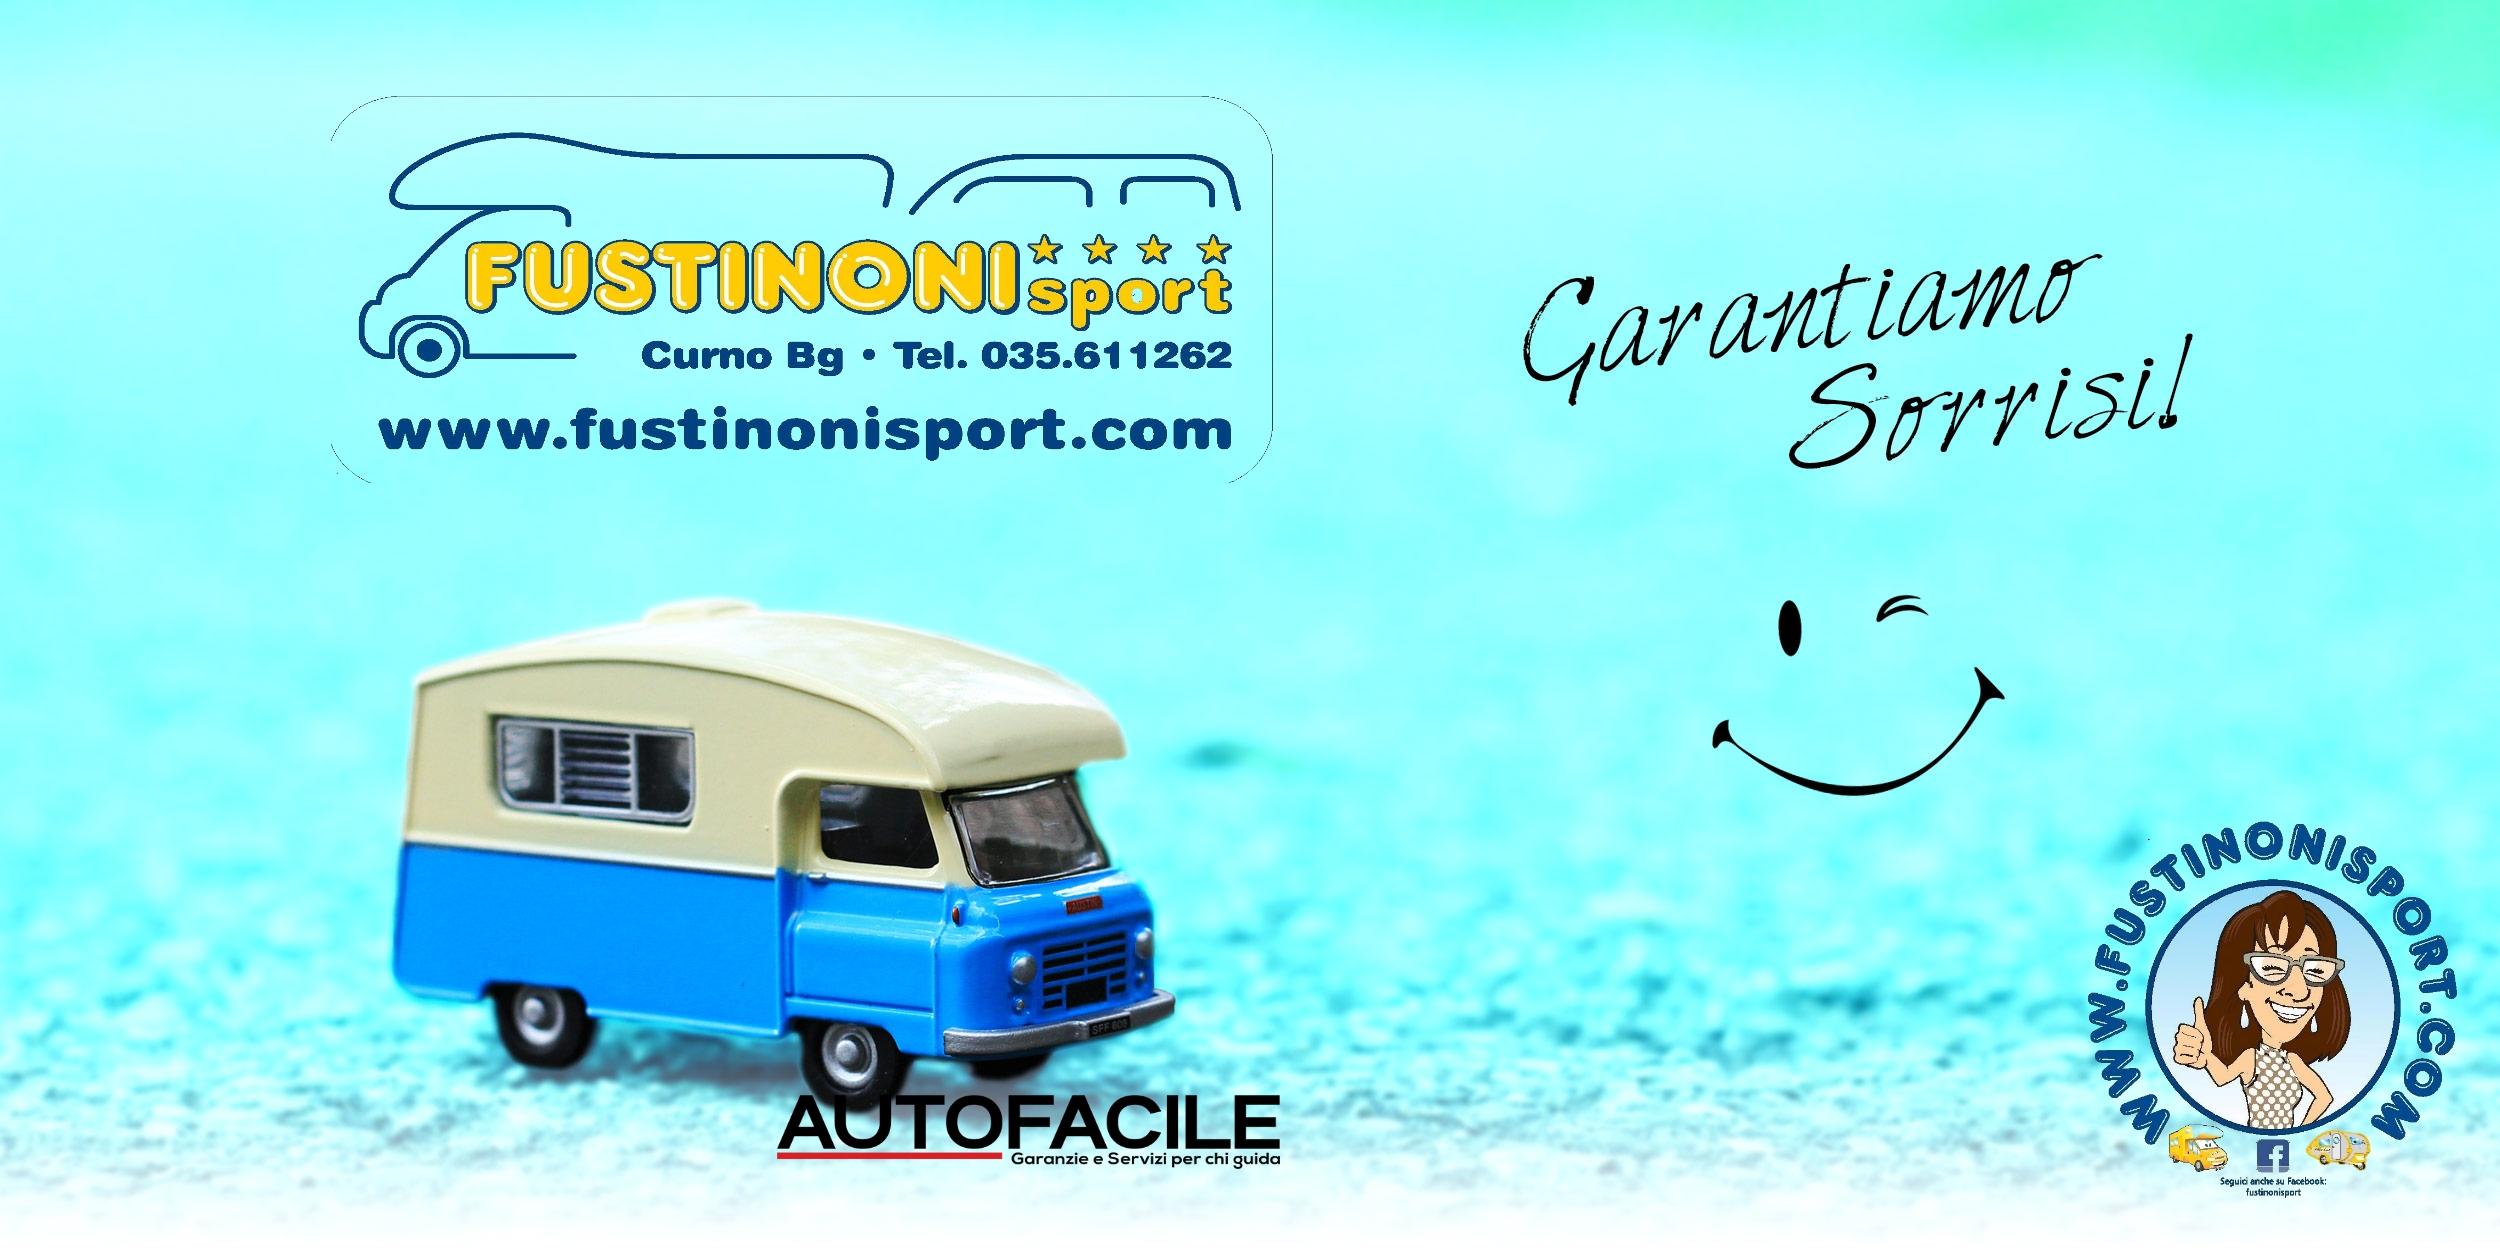 AUTOFACILE-GIUGNO-2016-FUSTINONI-SPORT-BG